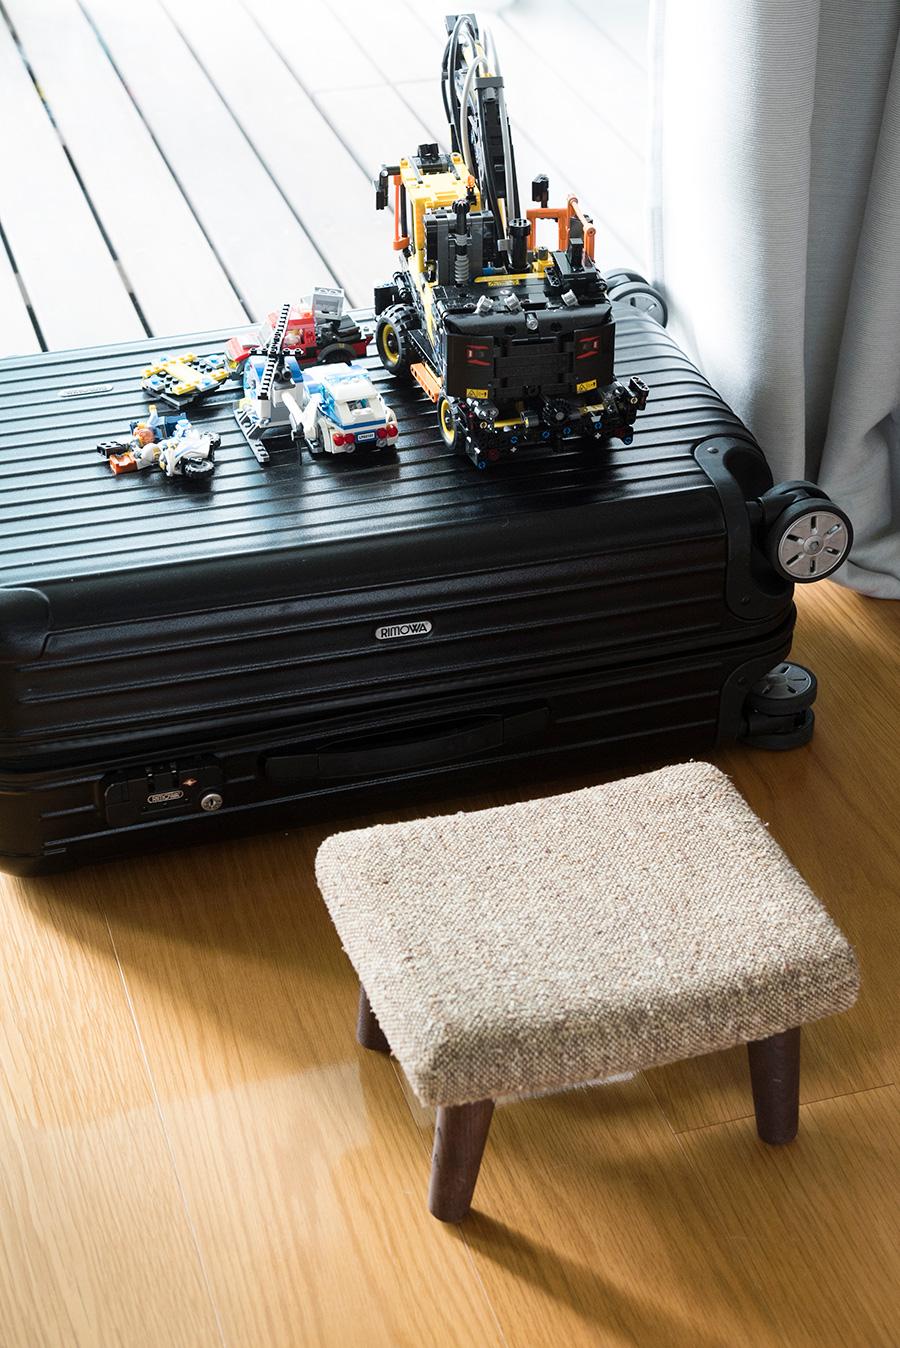 リモアのスーツケースは、中に非常用ペットボトルをセッティング。さらに子供がおもちゃで遊ぶテーブル代わりに。